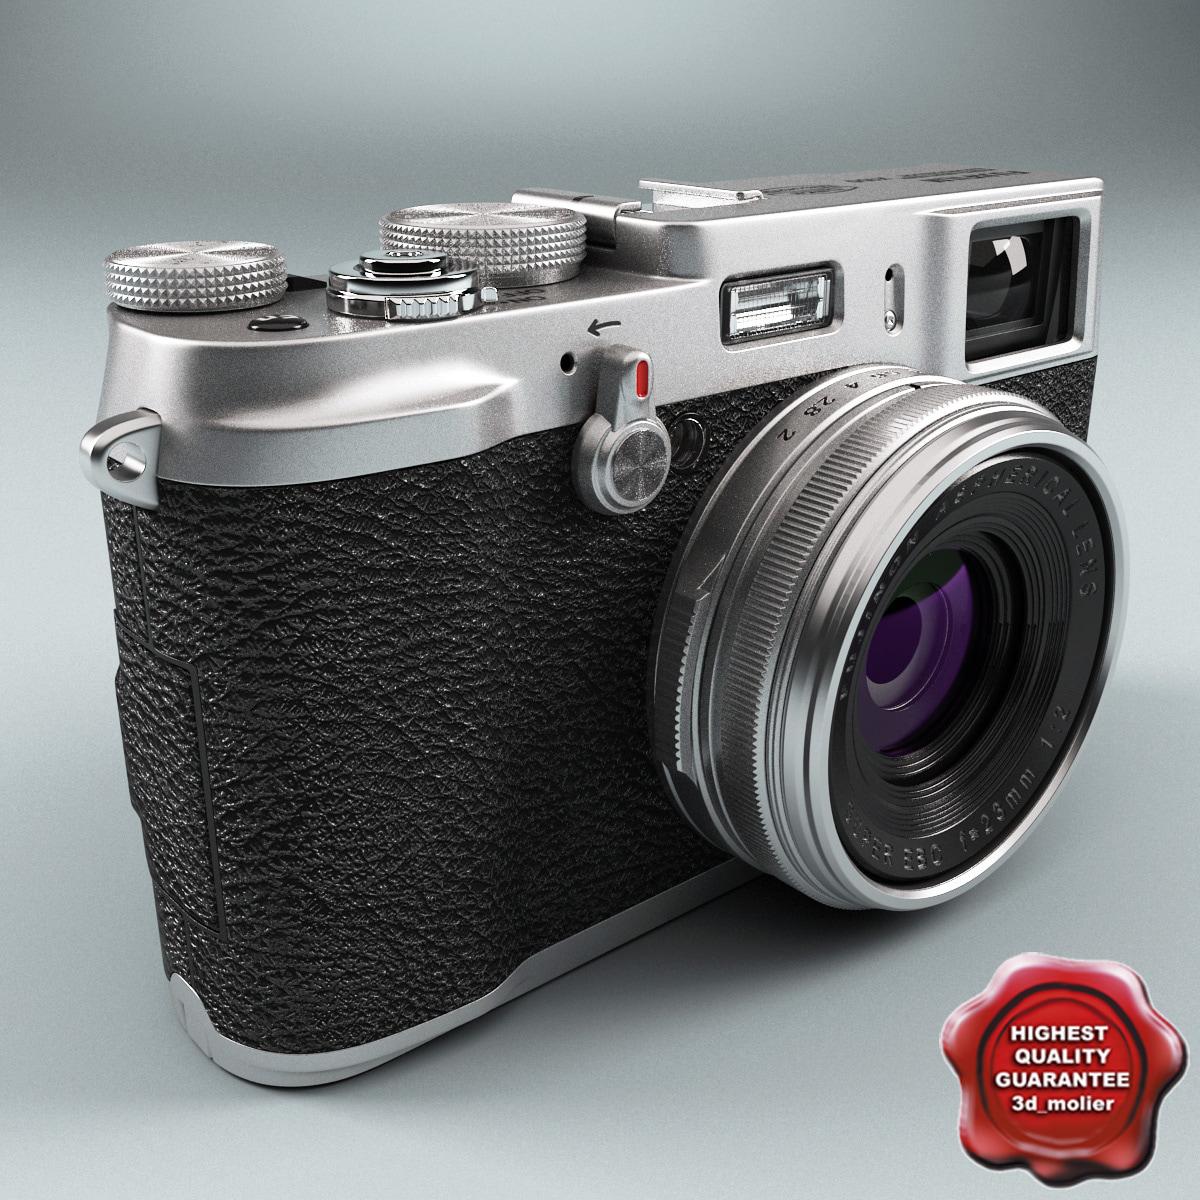 Fujifilm_Finepix_X100_00.jpg